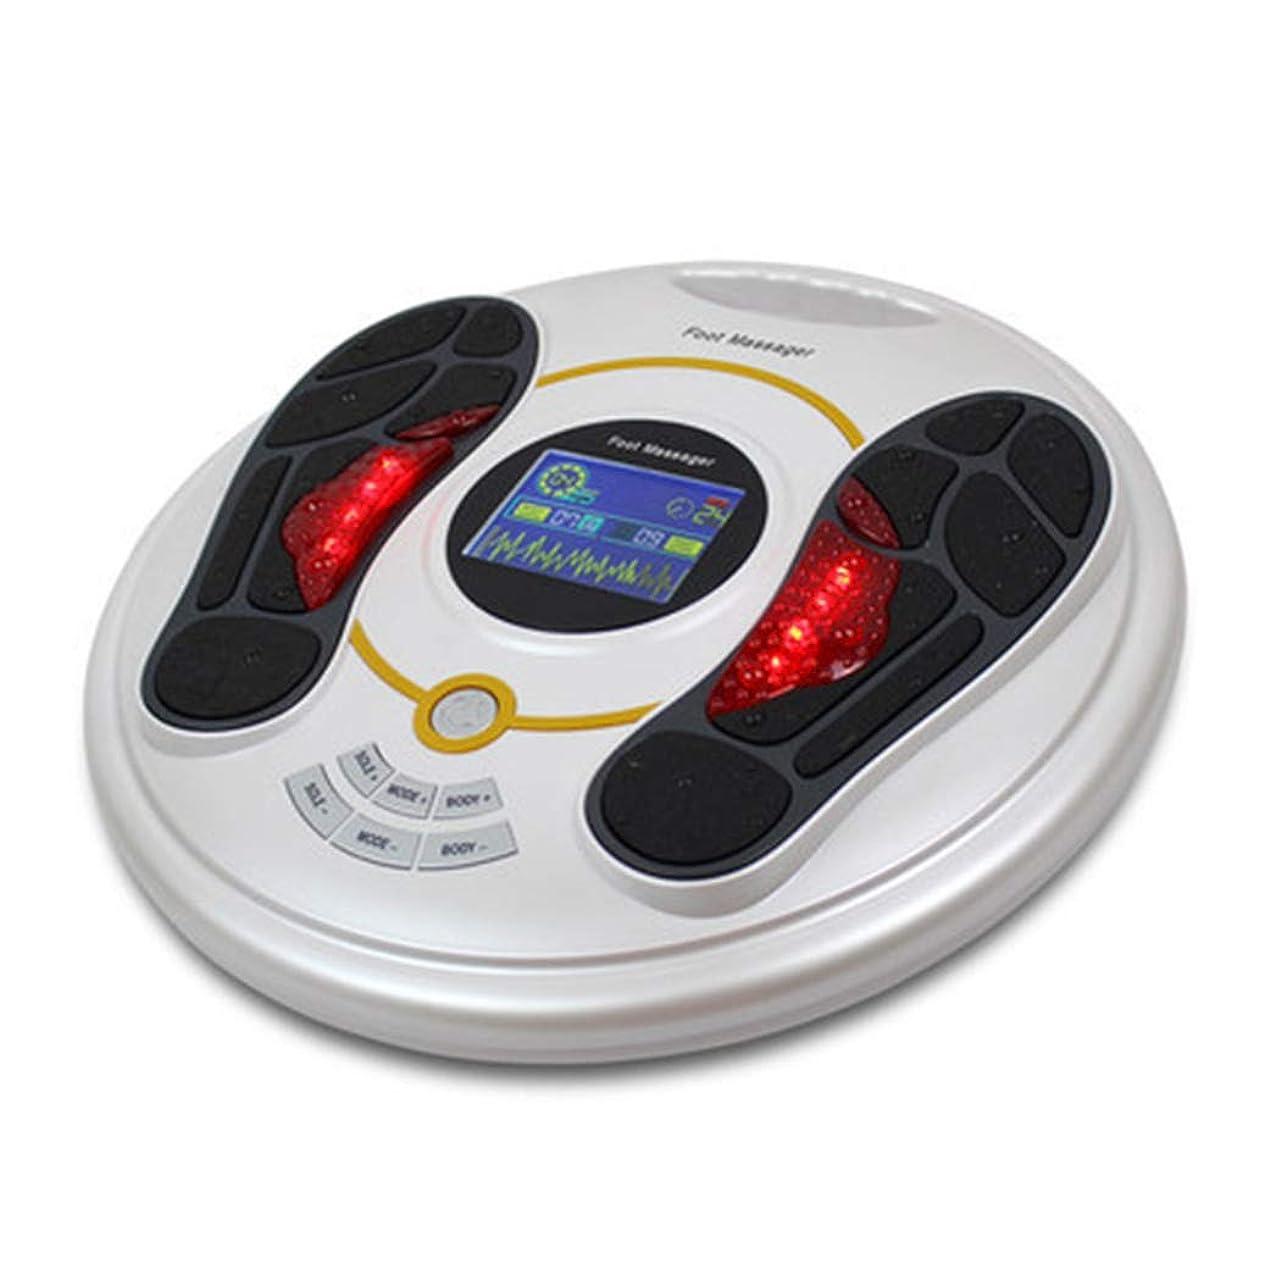 描写抜粋マインドリモコン 足のマッサージャー指圧機電気の足マッサージャースパ熱、深い混練機能リリーフ足のストレスホームオフィス用 インテリジェント, white